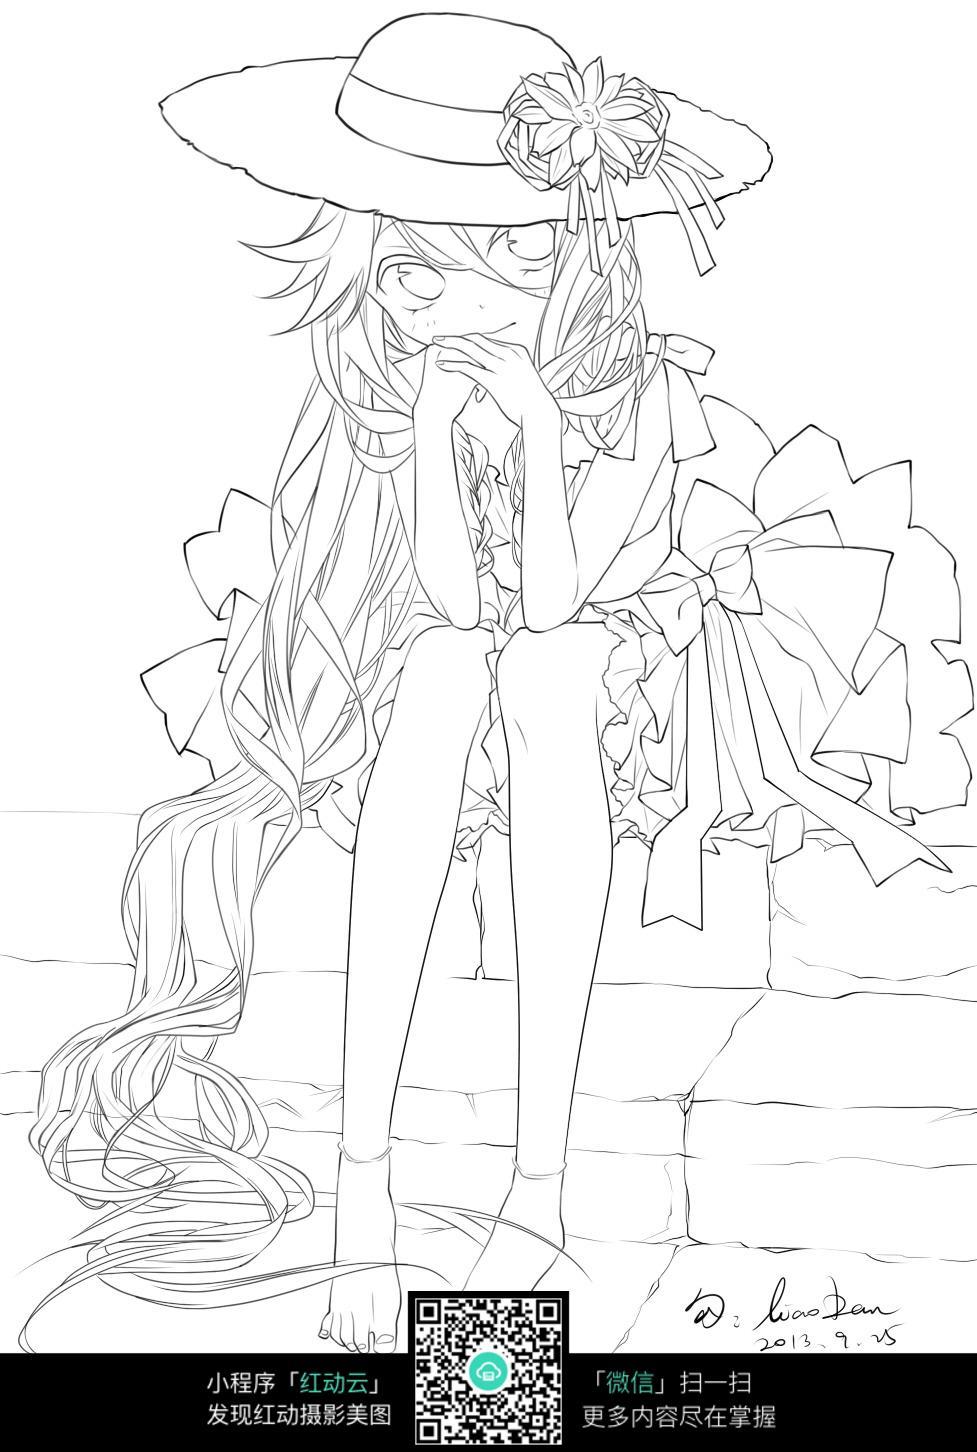 少女漫画服饰手绘图图片_人物卡通图片